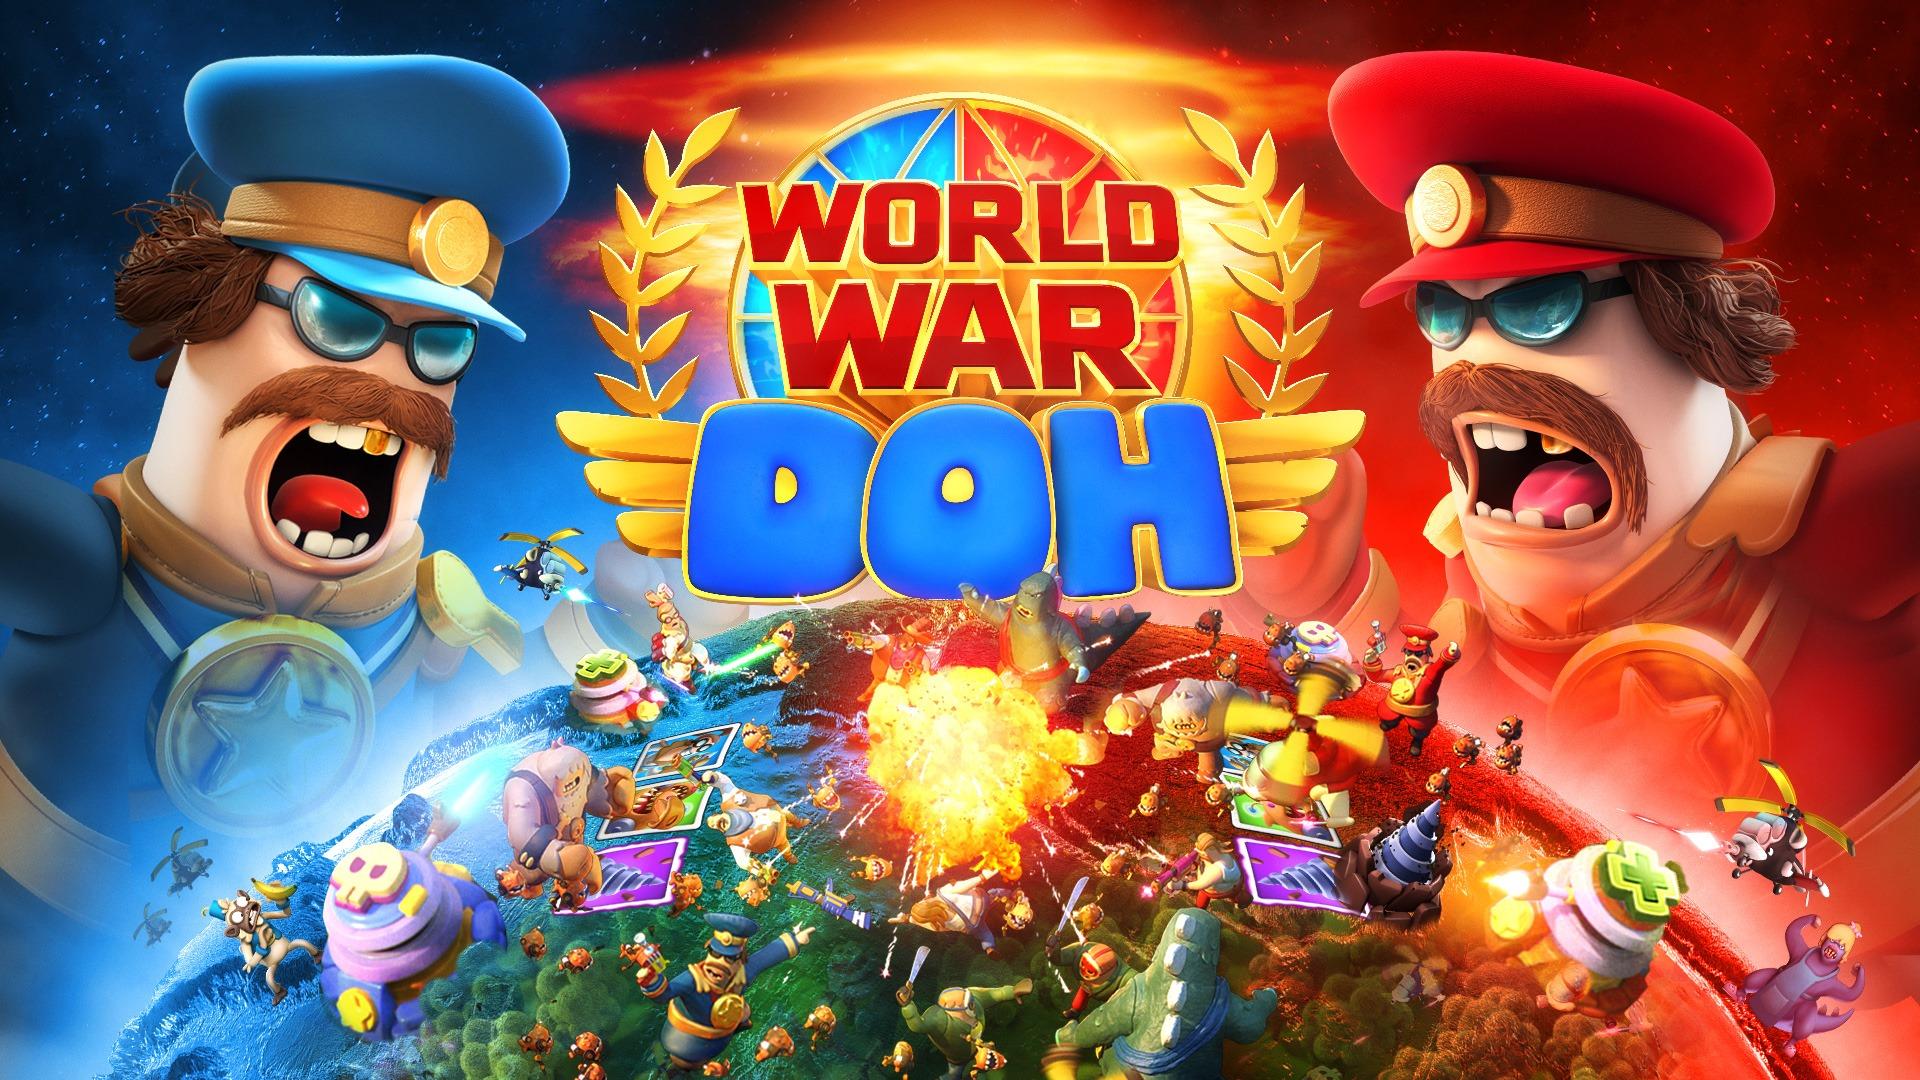 World War Doh 1922020 1